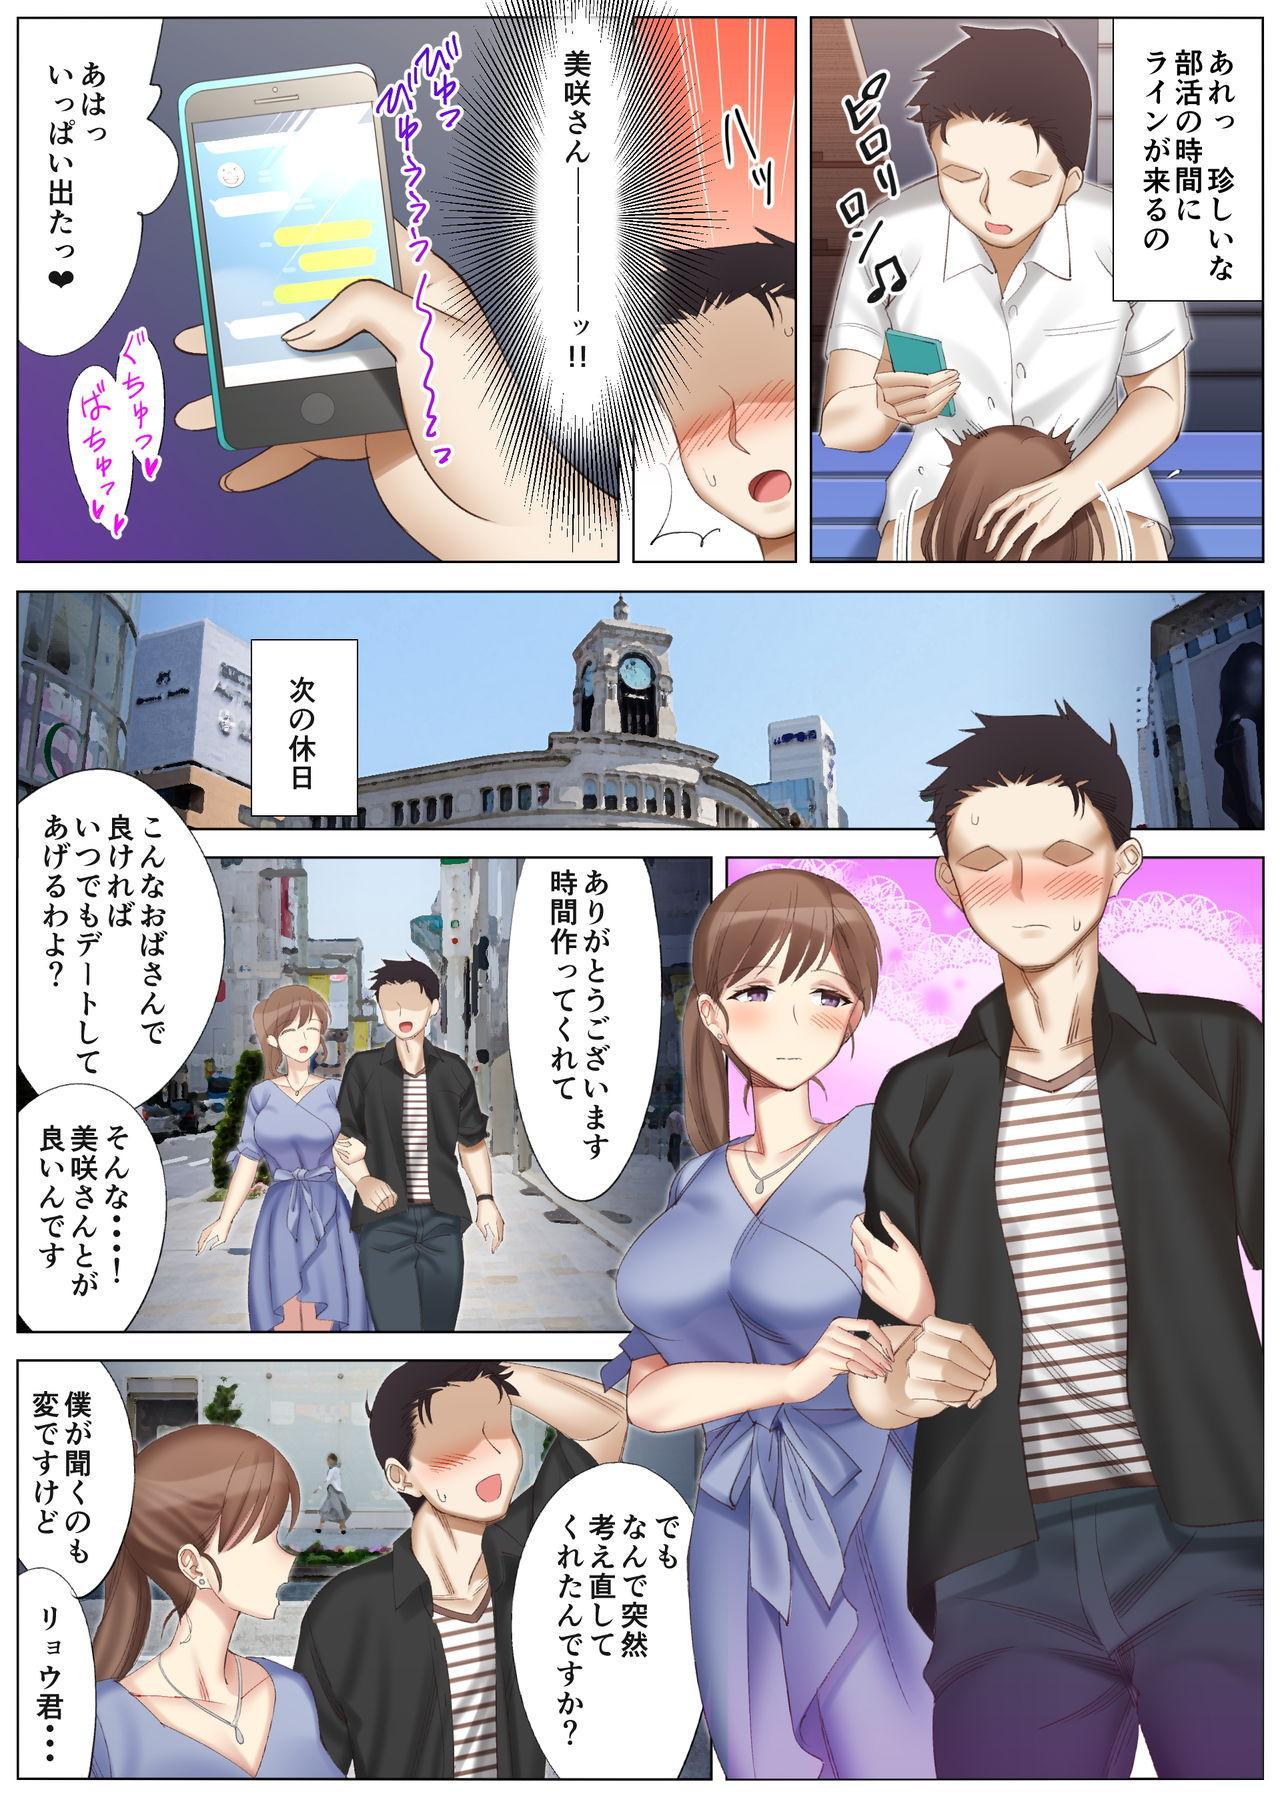 Boku to Kanojo no Okaa-san to Manatsu no Yoru no Mikkai 13